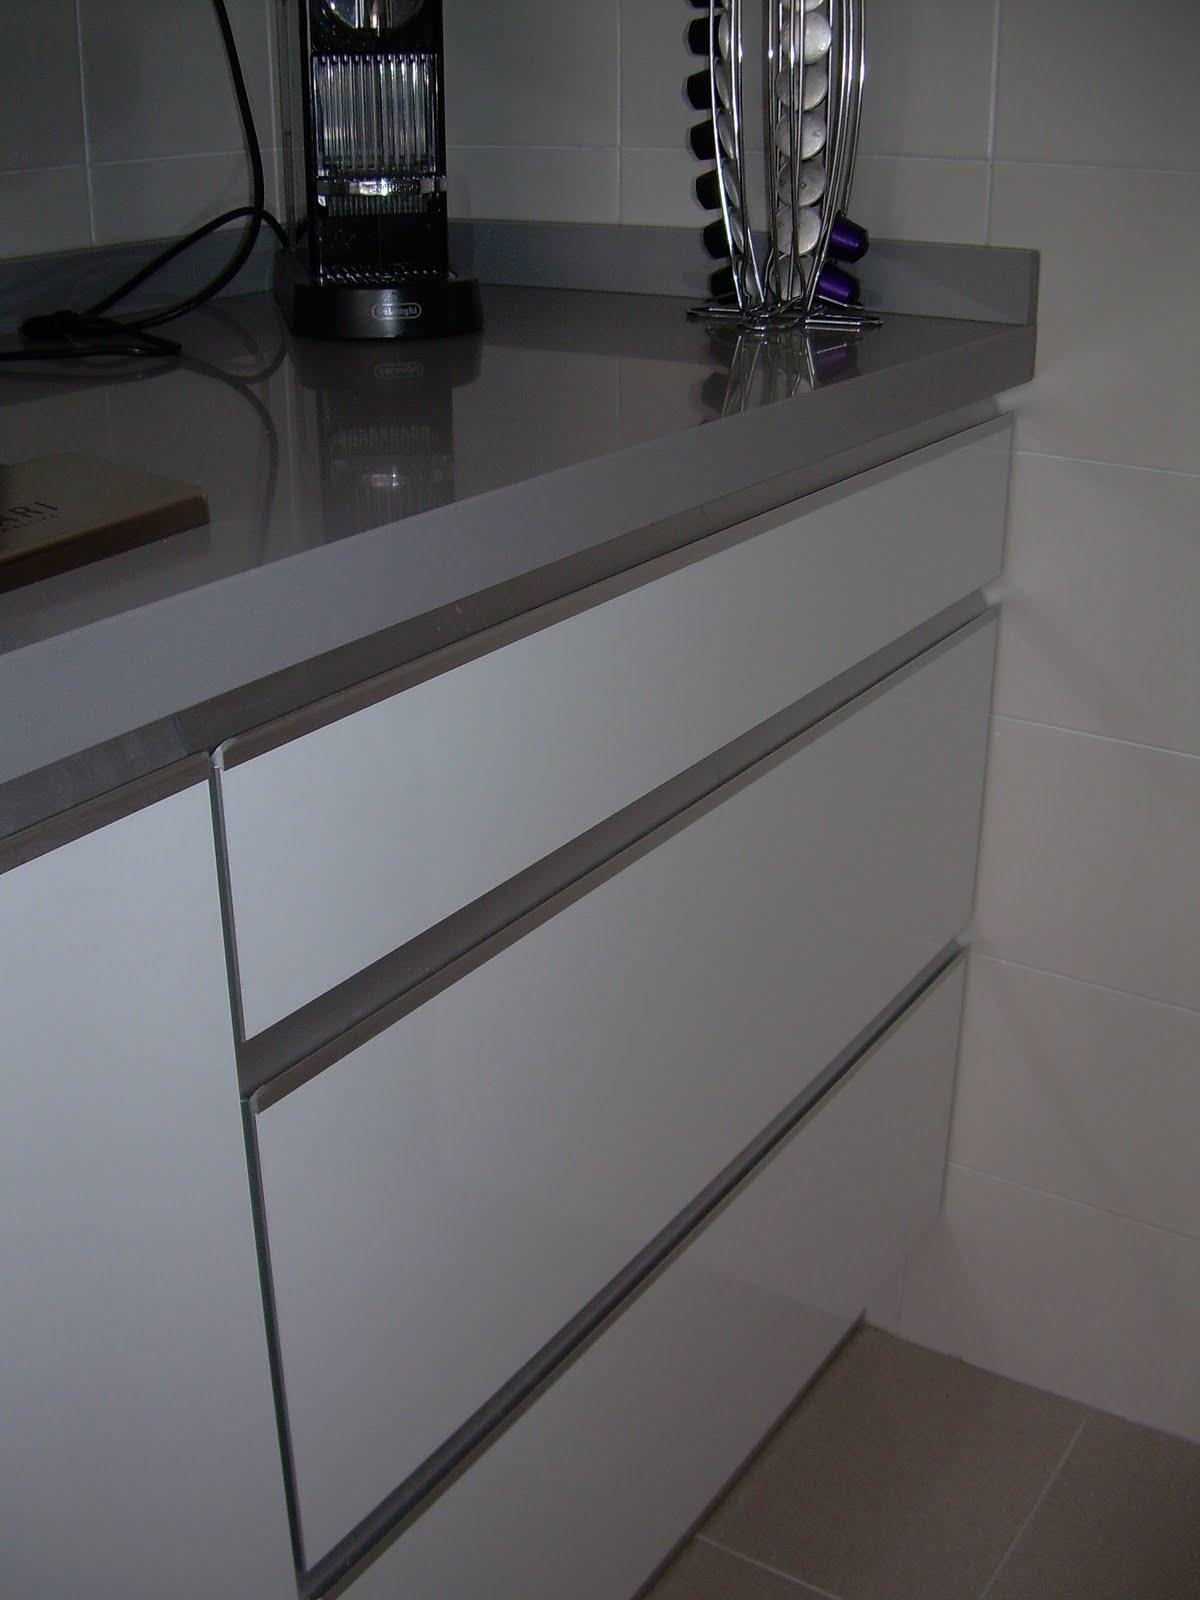 Cocina i blanco brillo con tirador corrido en puerta - Tiradores puertas de cocina ...